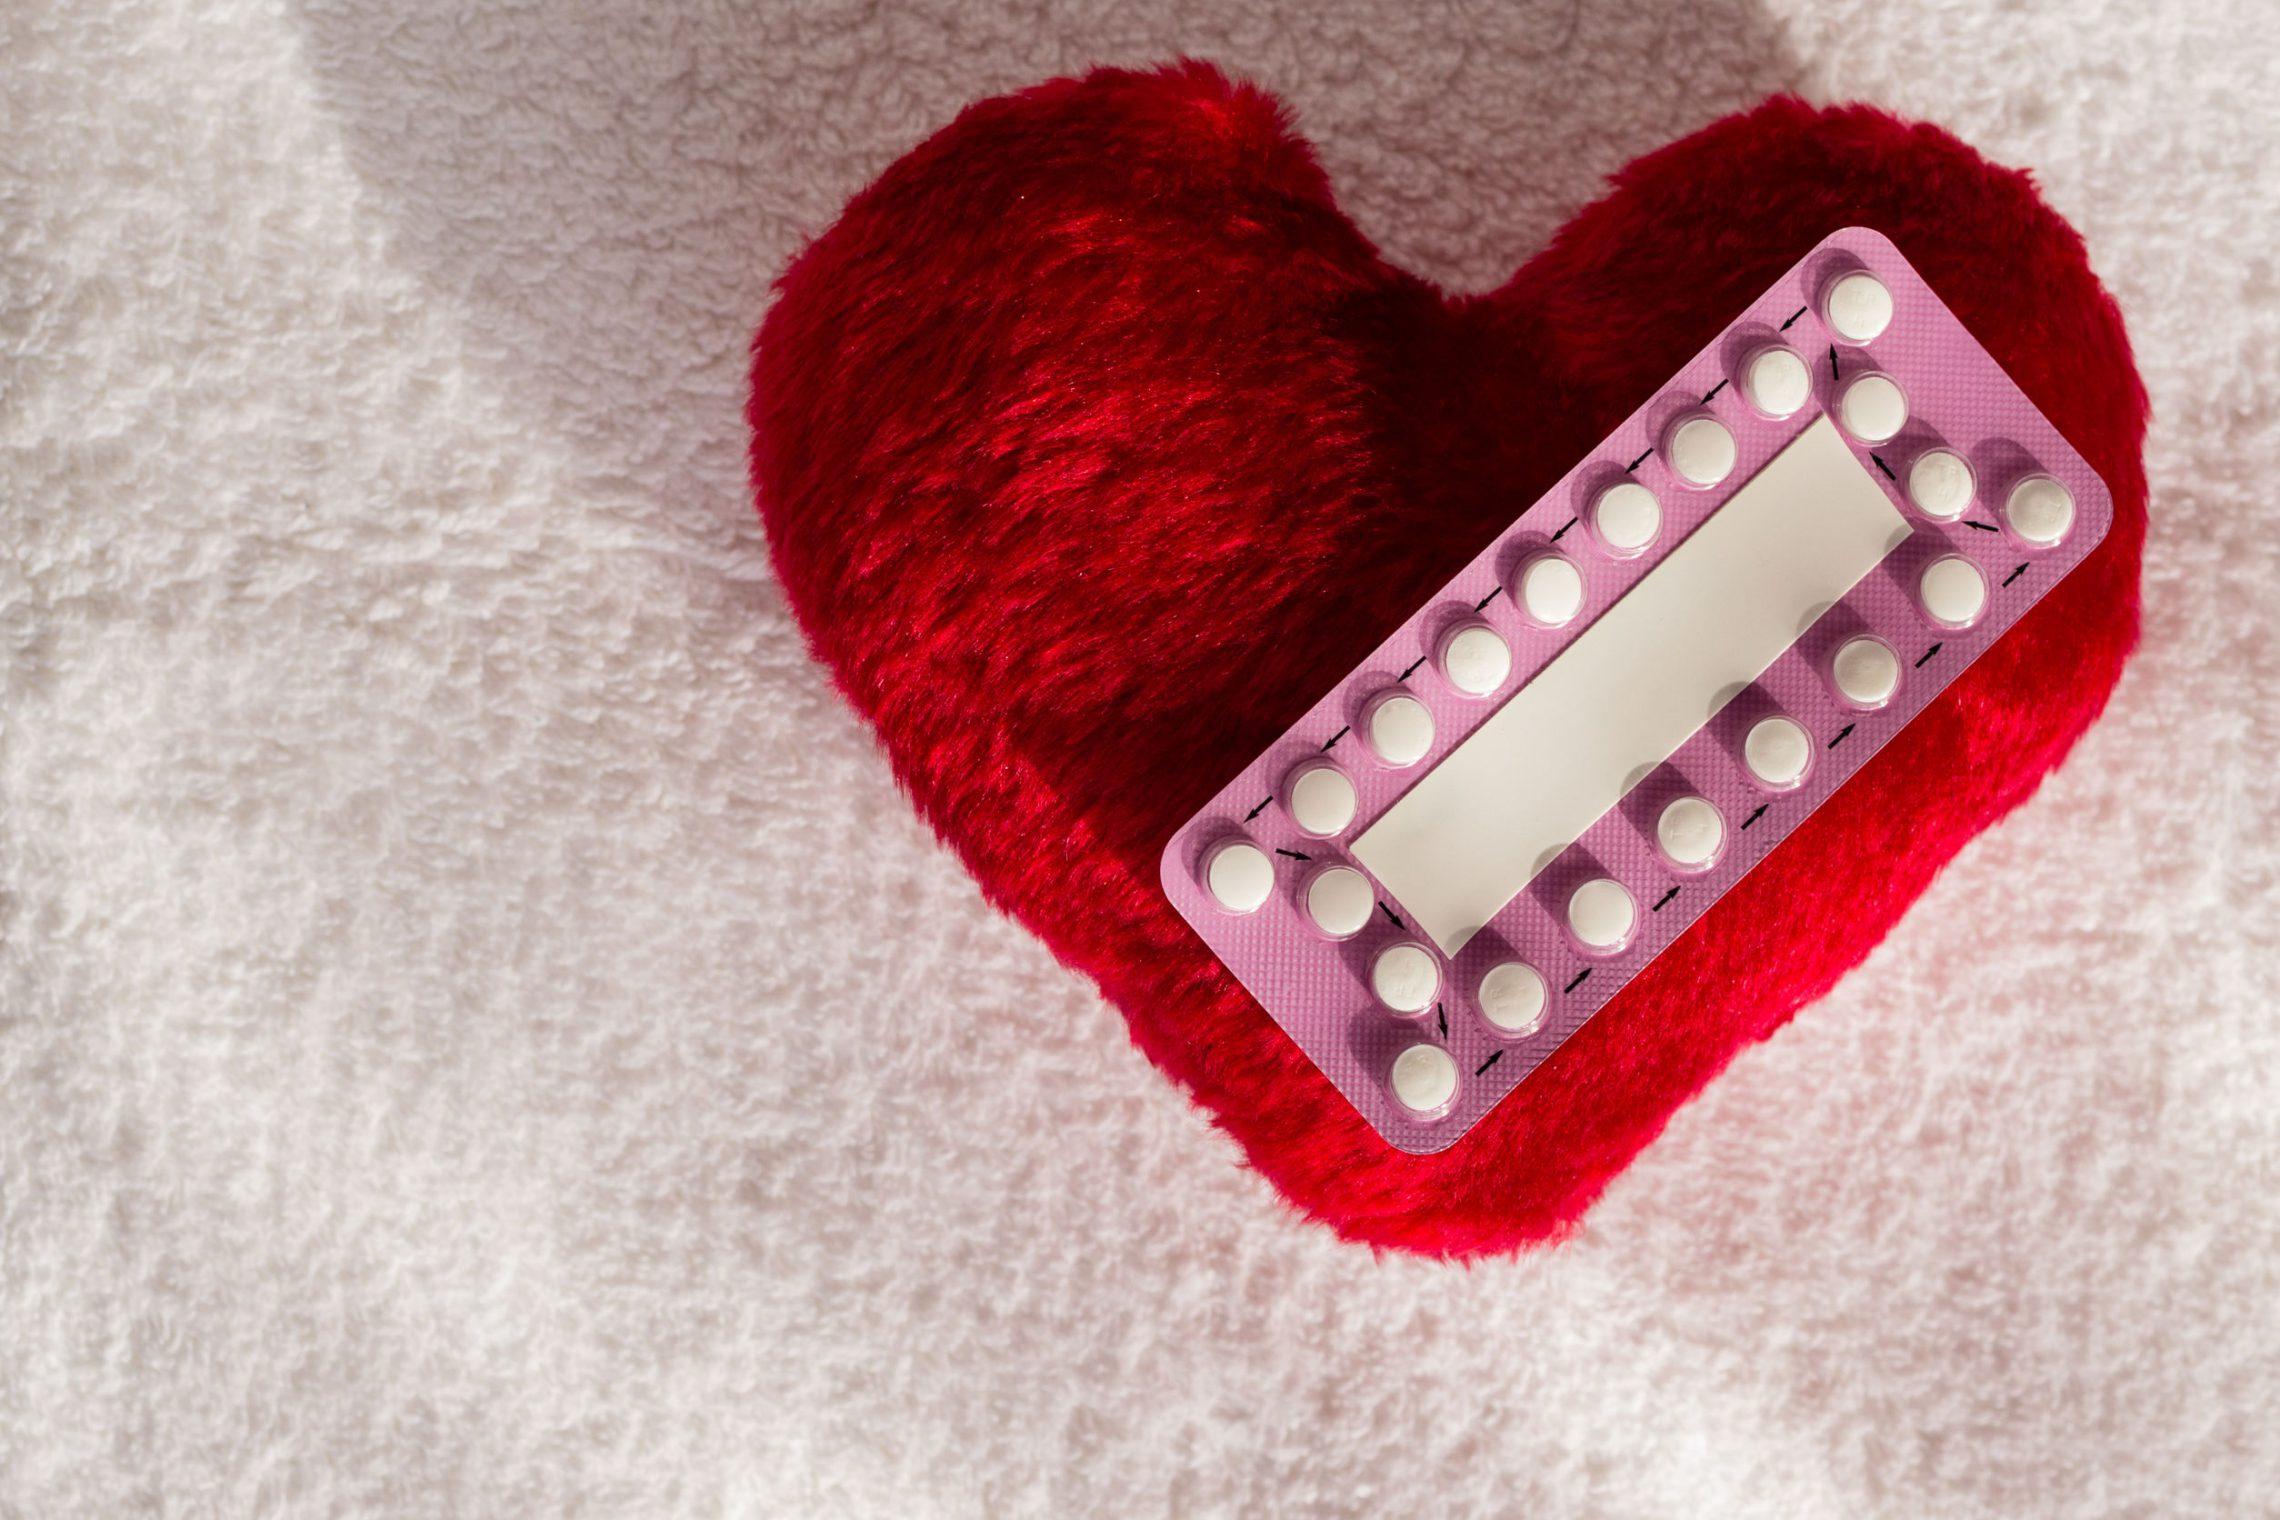 Czego Polki nie wiedzą o antykoncepcji?